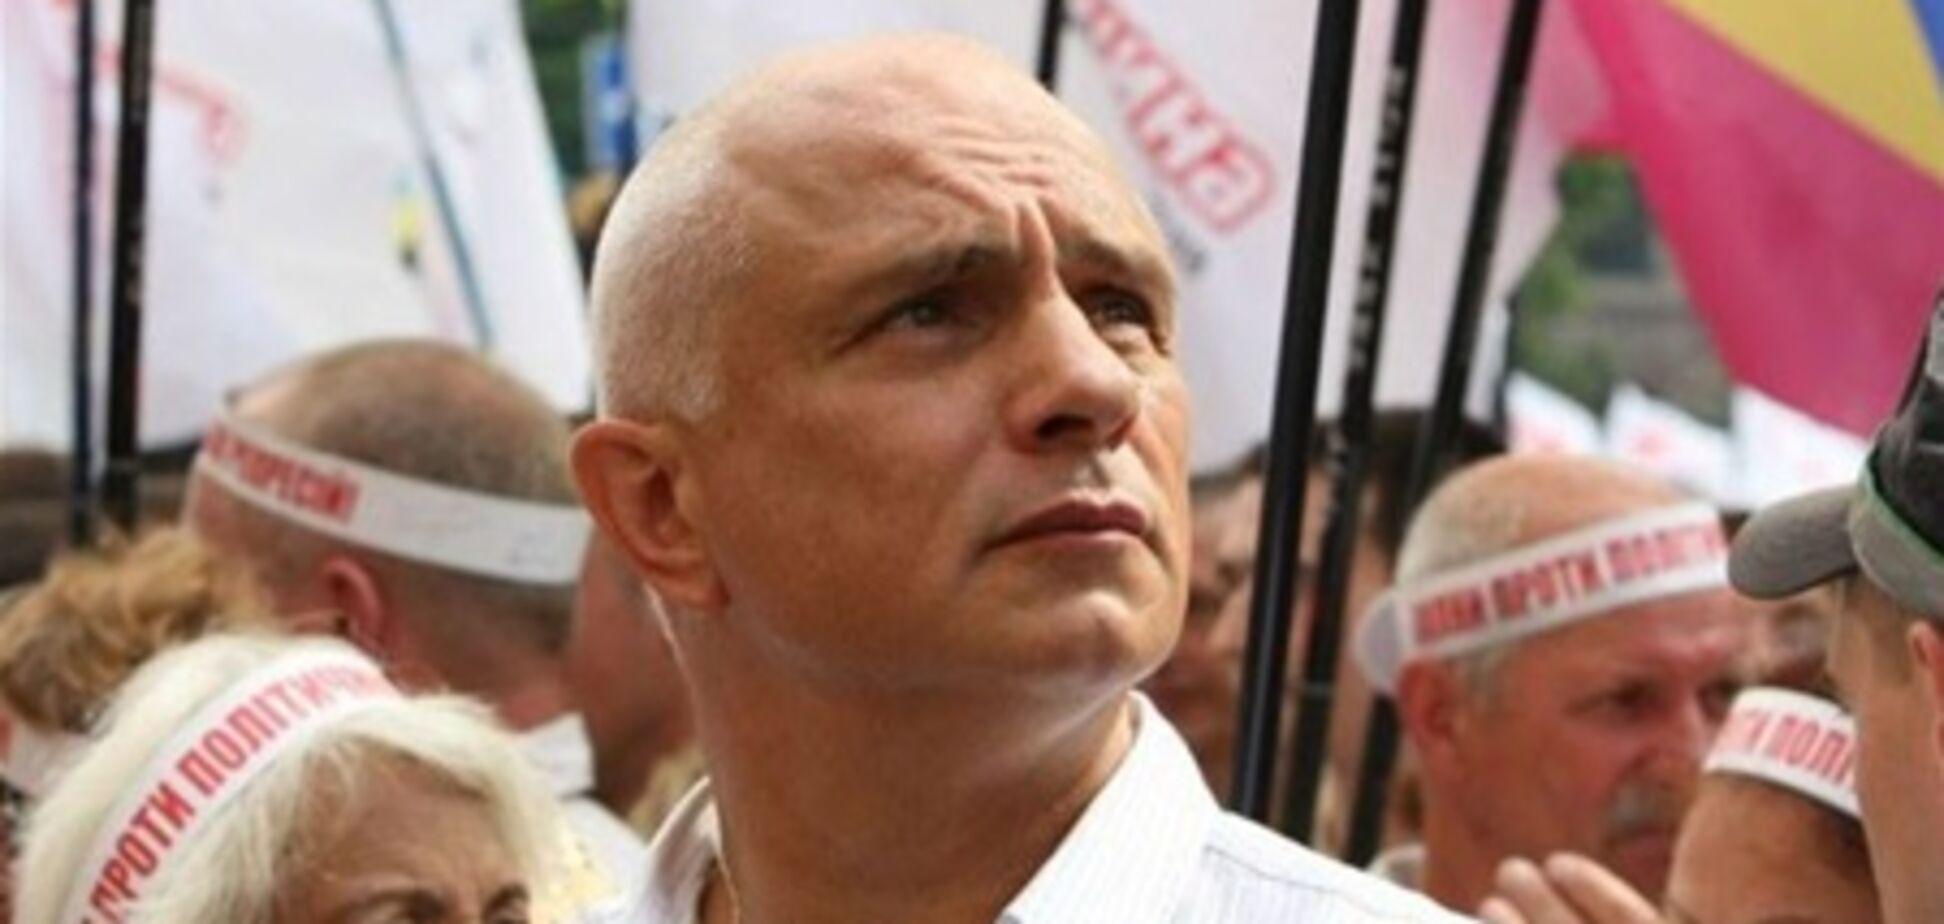 VIP-втікачі: від шефа Тимошенко до чоловіка Тимошенко